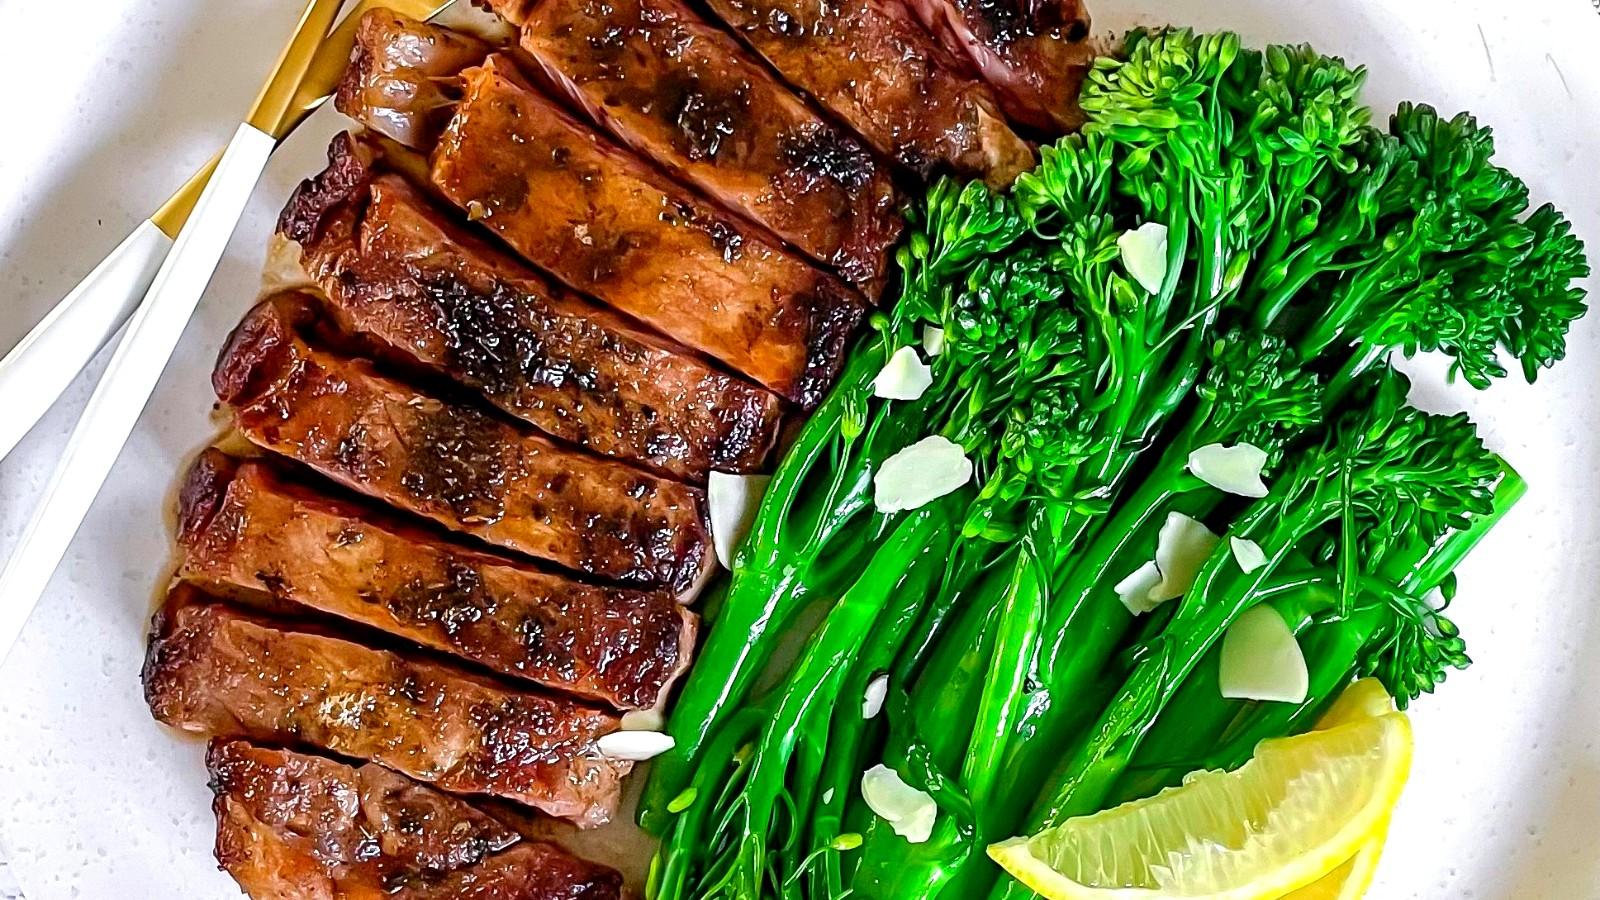 Image of Juicy Steak Tips